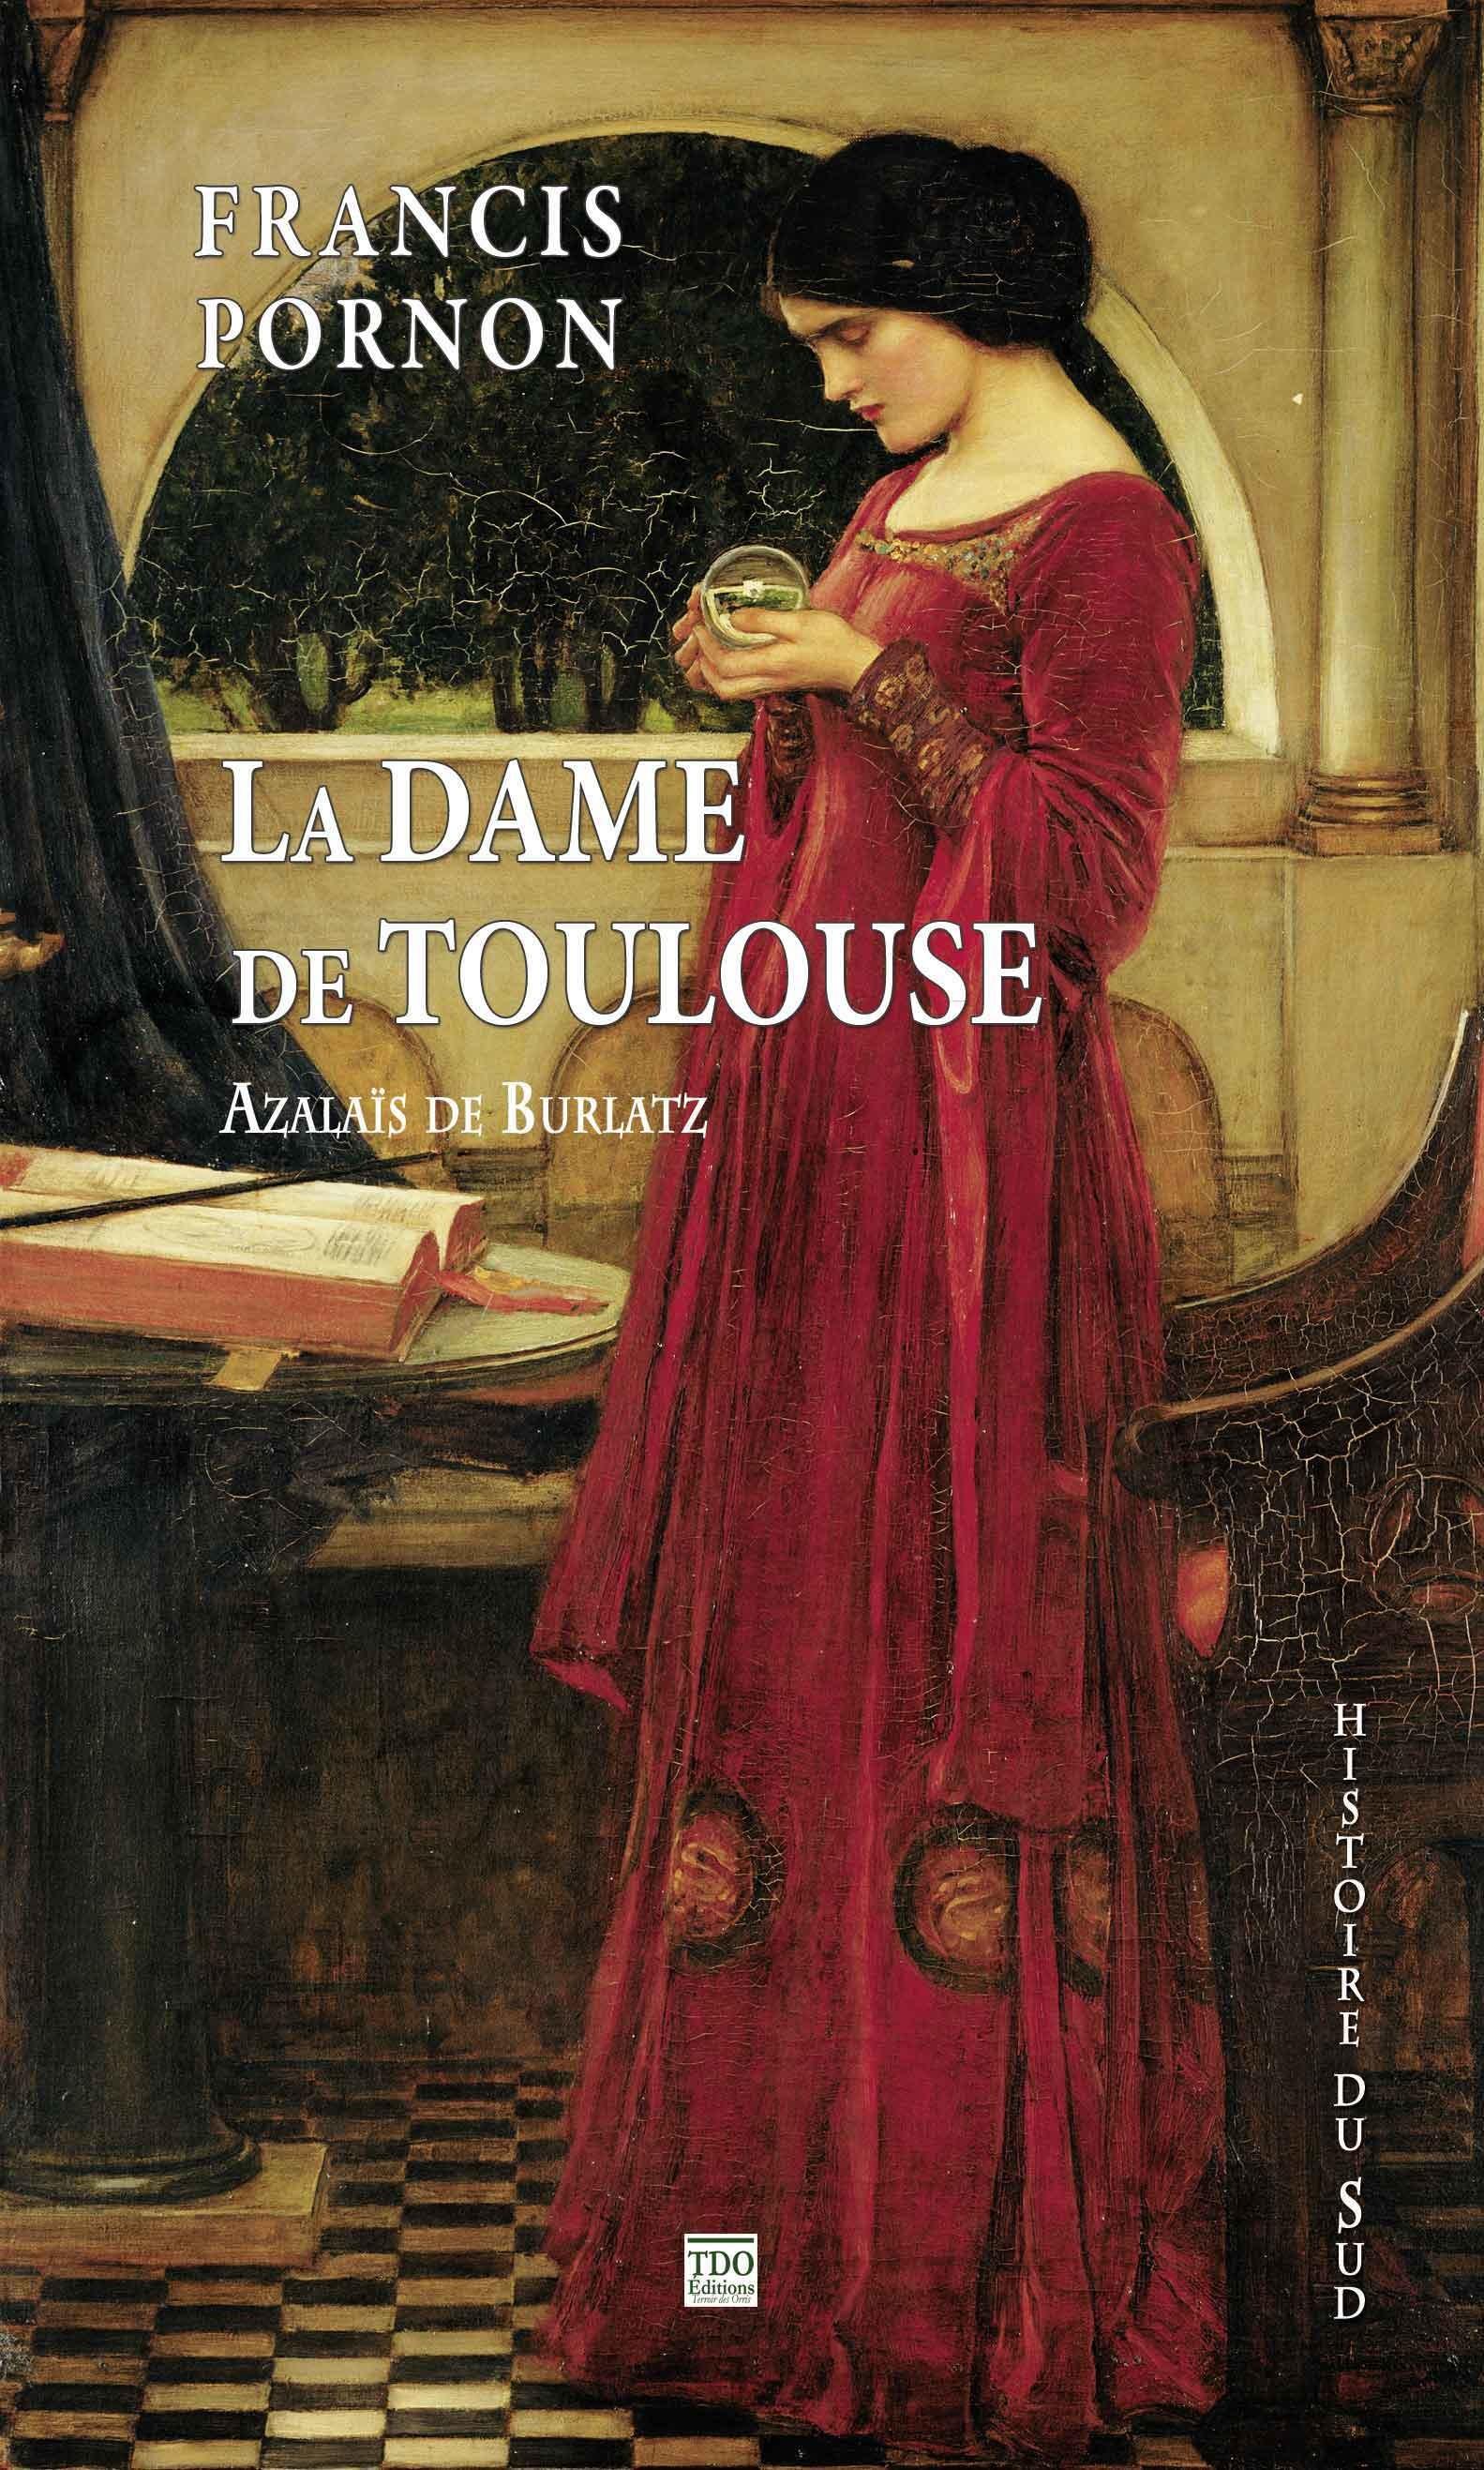 La dame de Toulouse